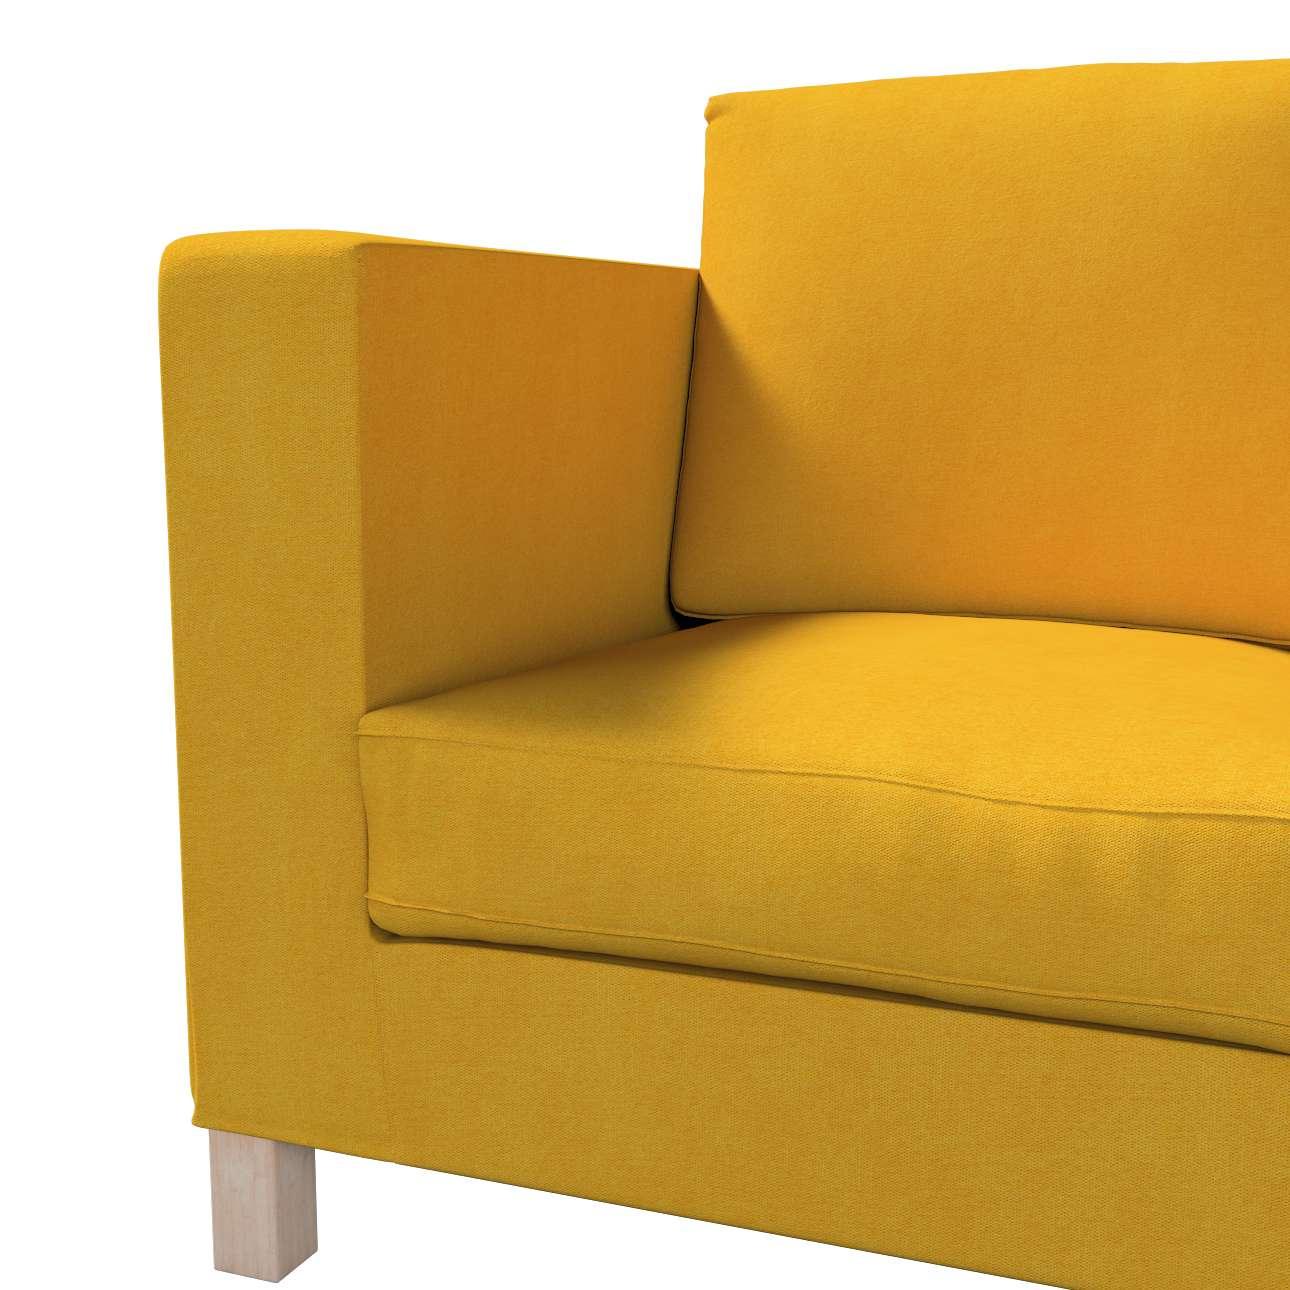 Karlanda klädsel <br>3-sits soffa - kort klädsel i kollektionen Etna, Tyg: 705-04